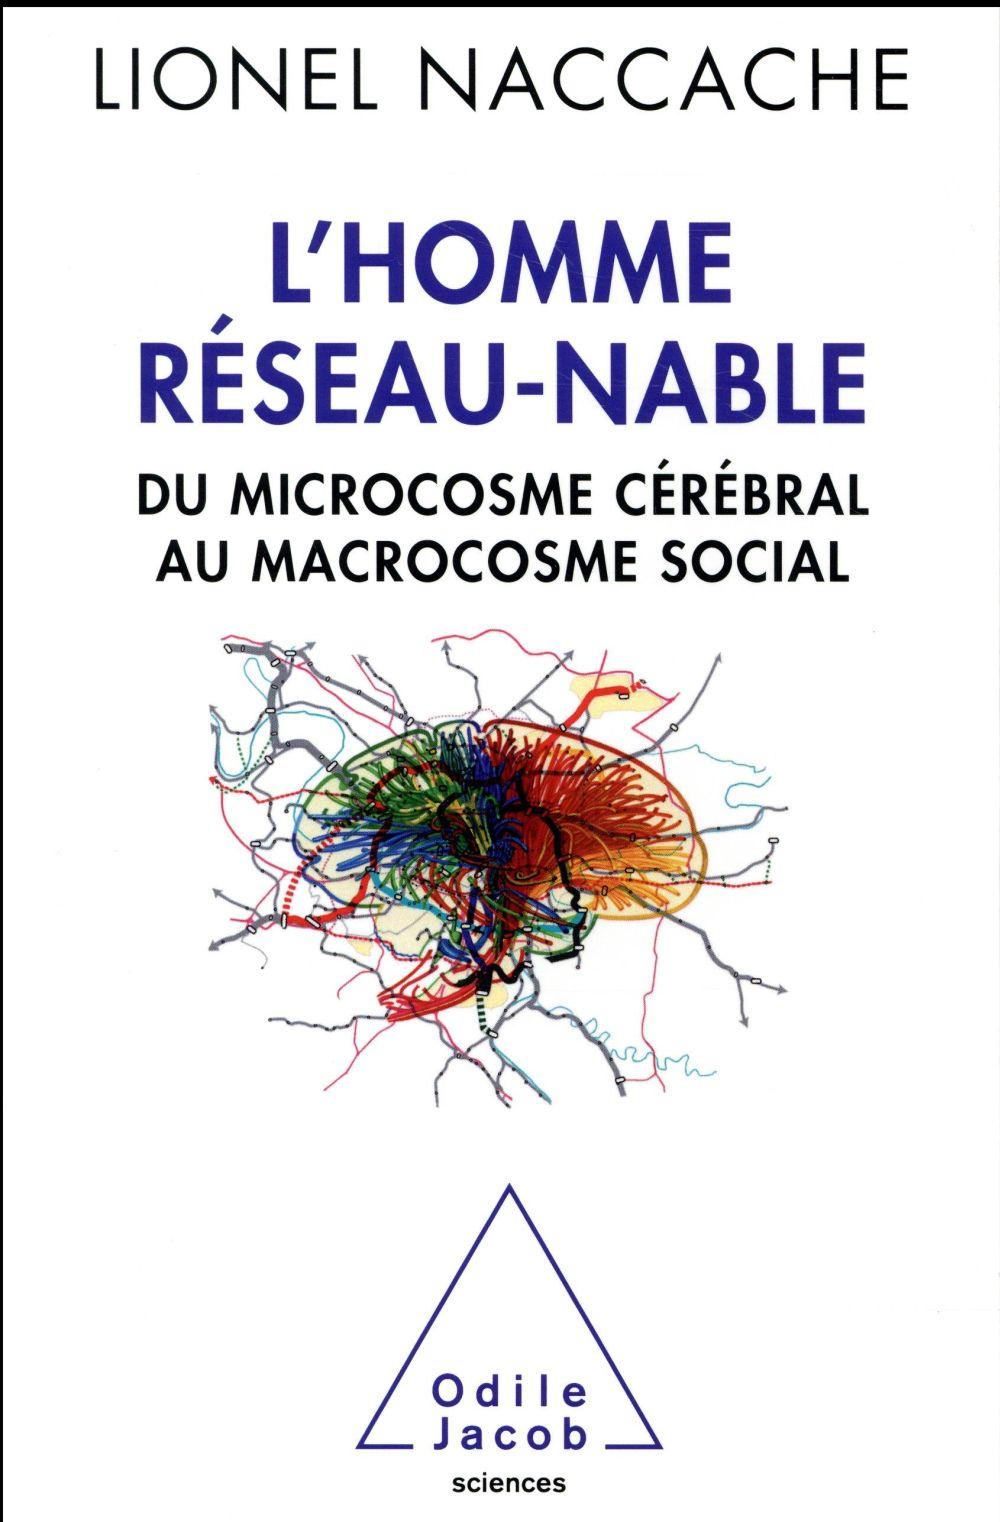 L'homme réseau-nable ; du microcosme cérébral au microcosme social